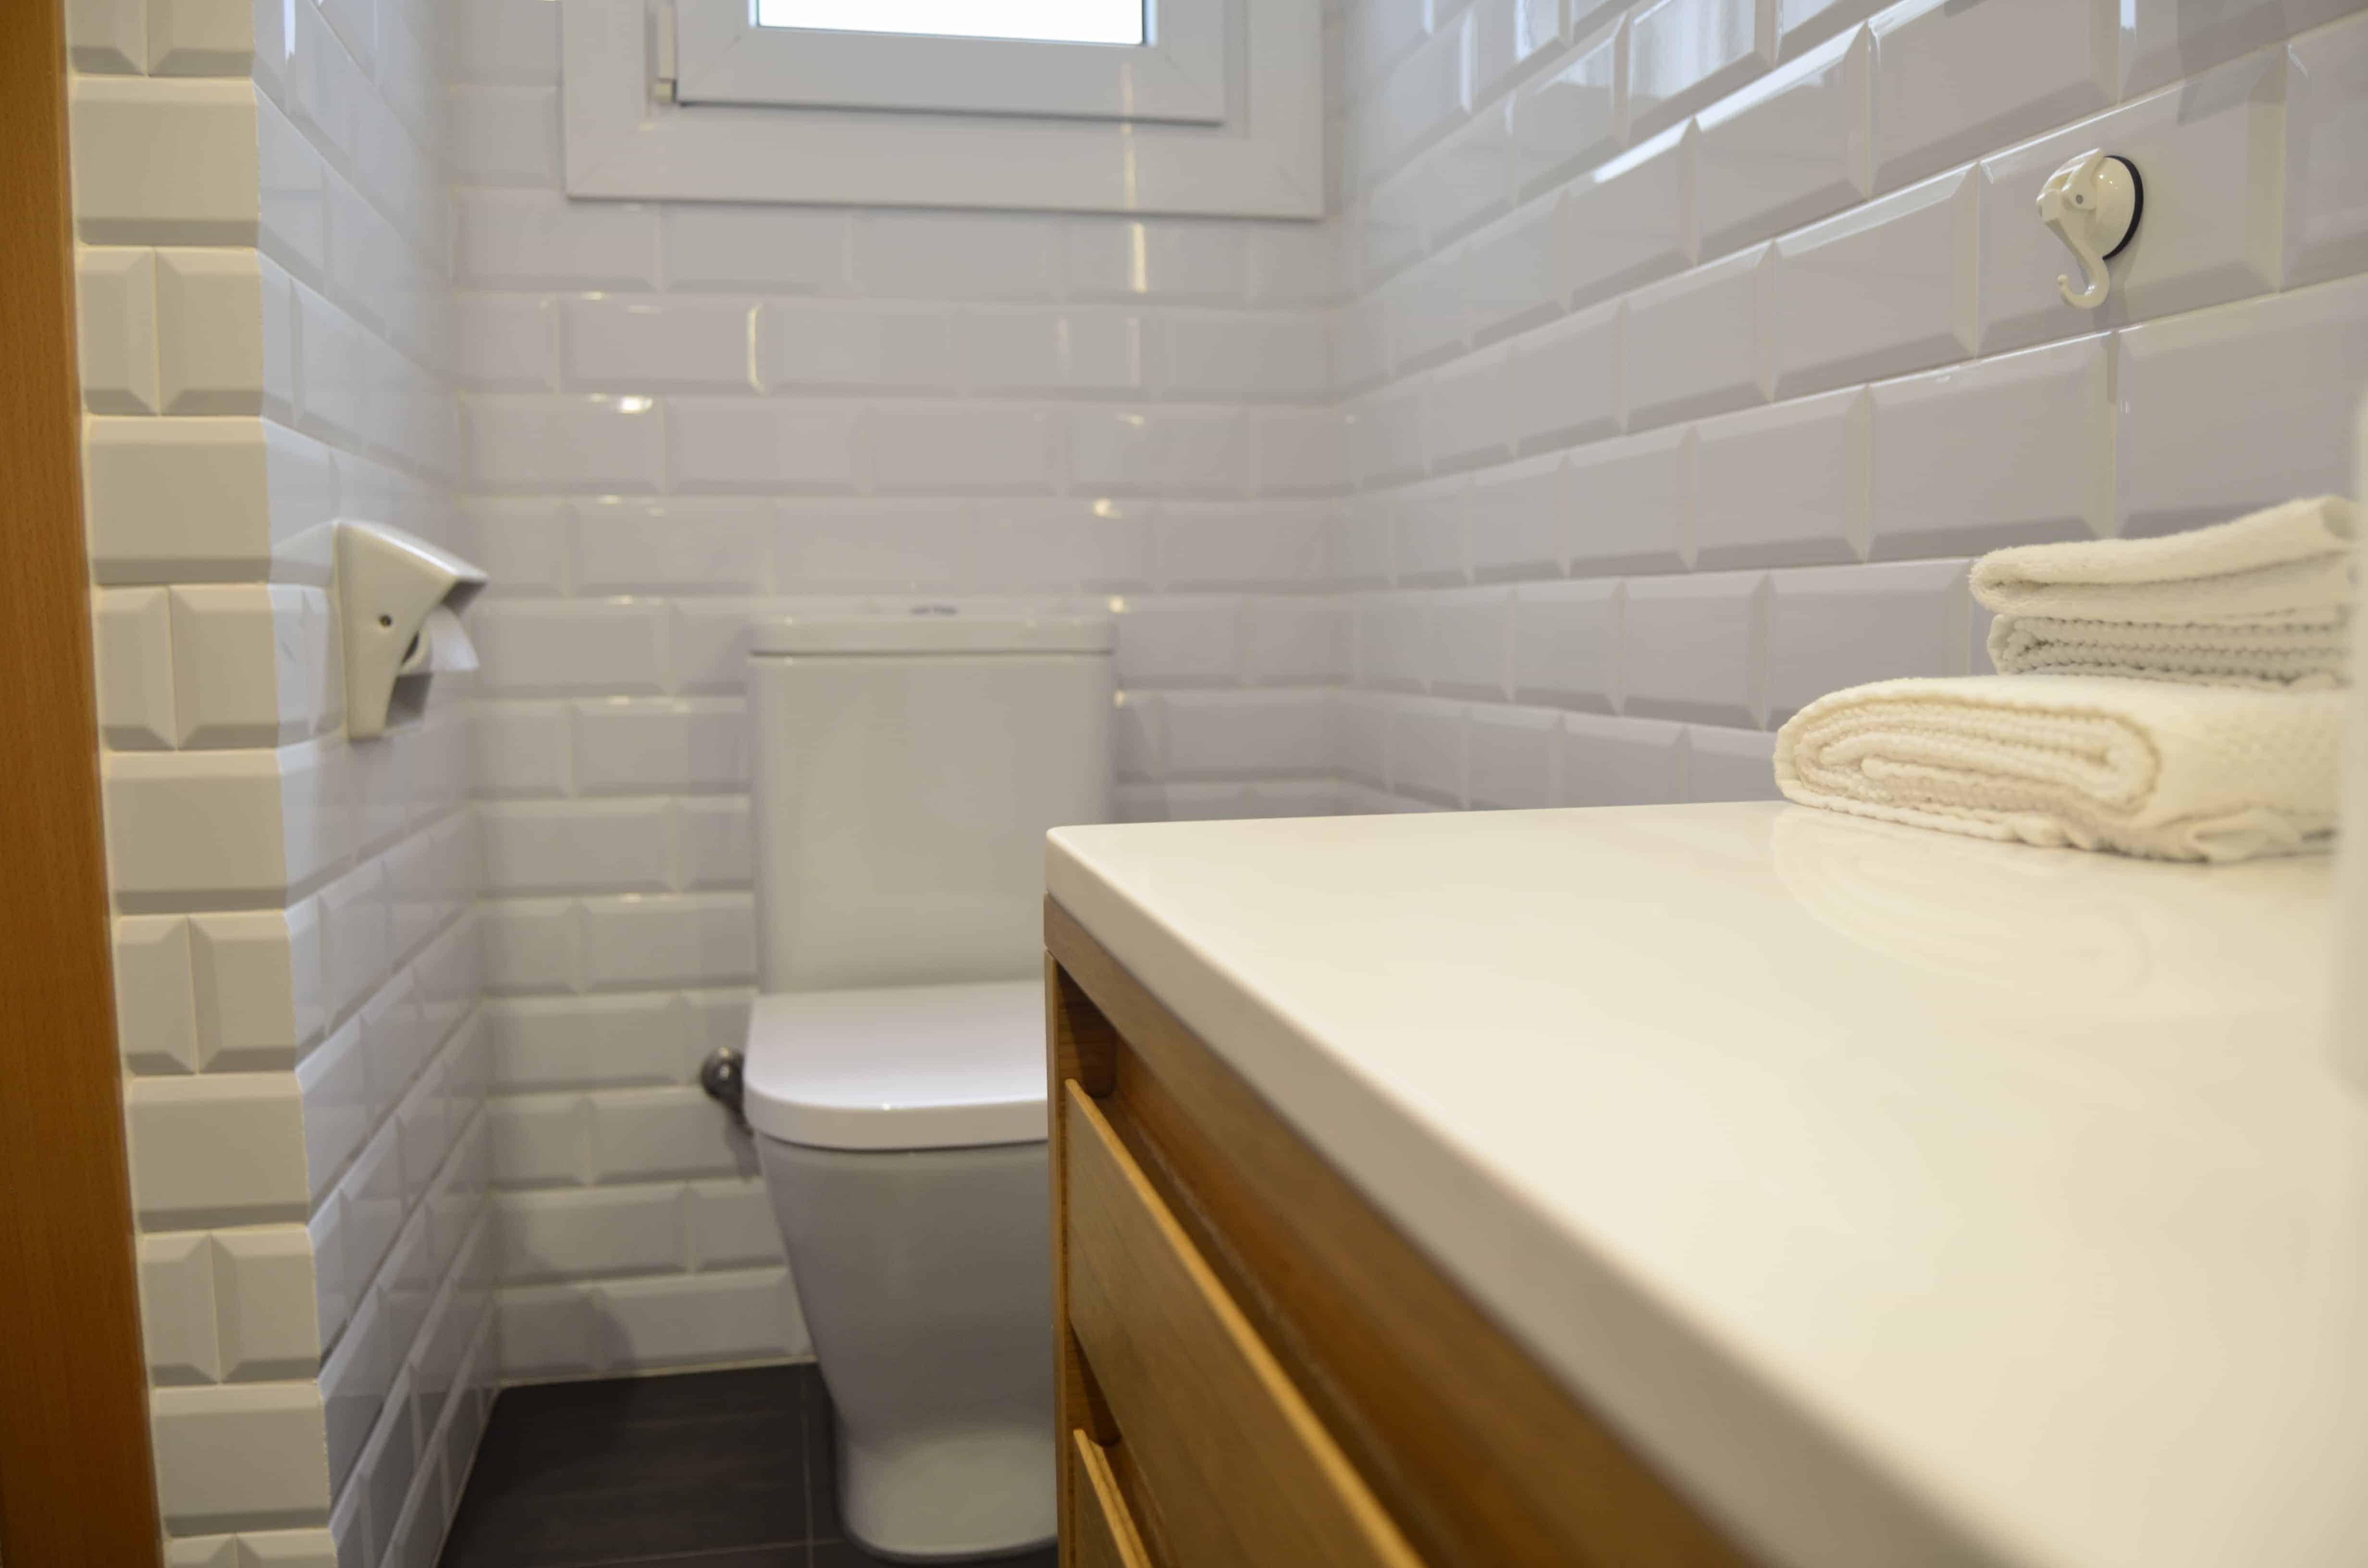 baño nuevo después de redistribución contract solutions